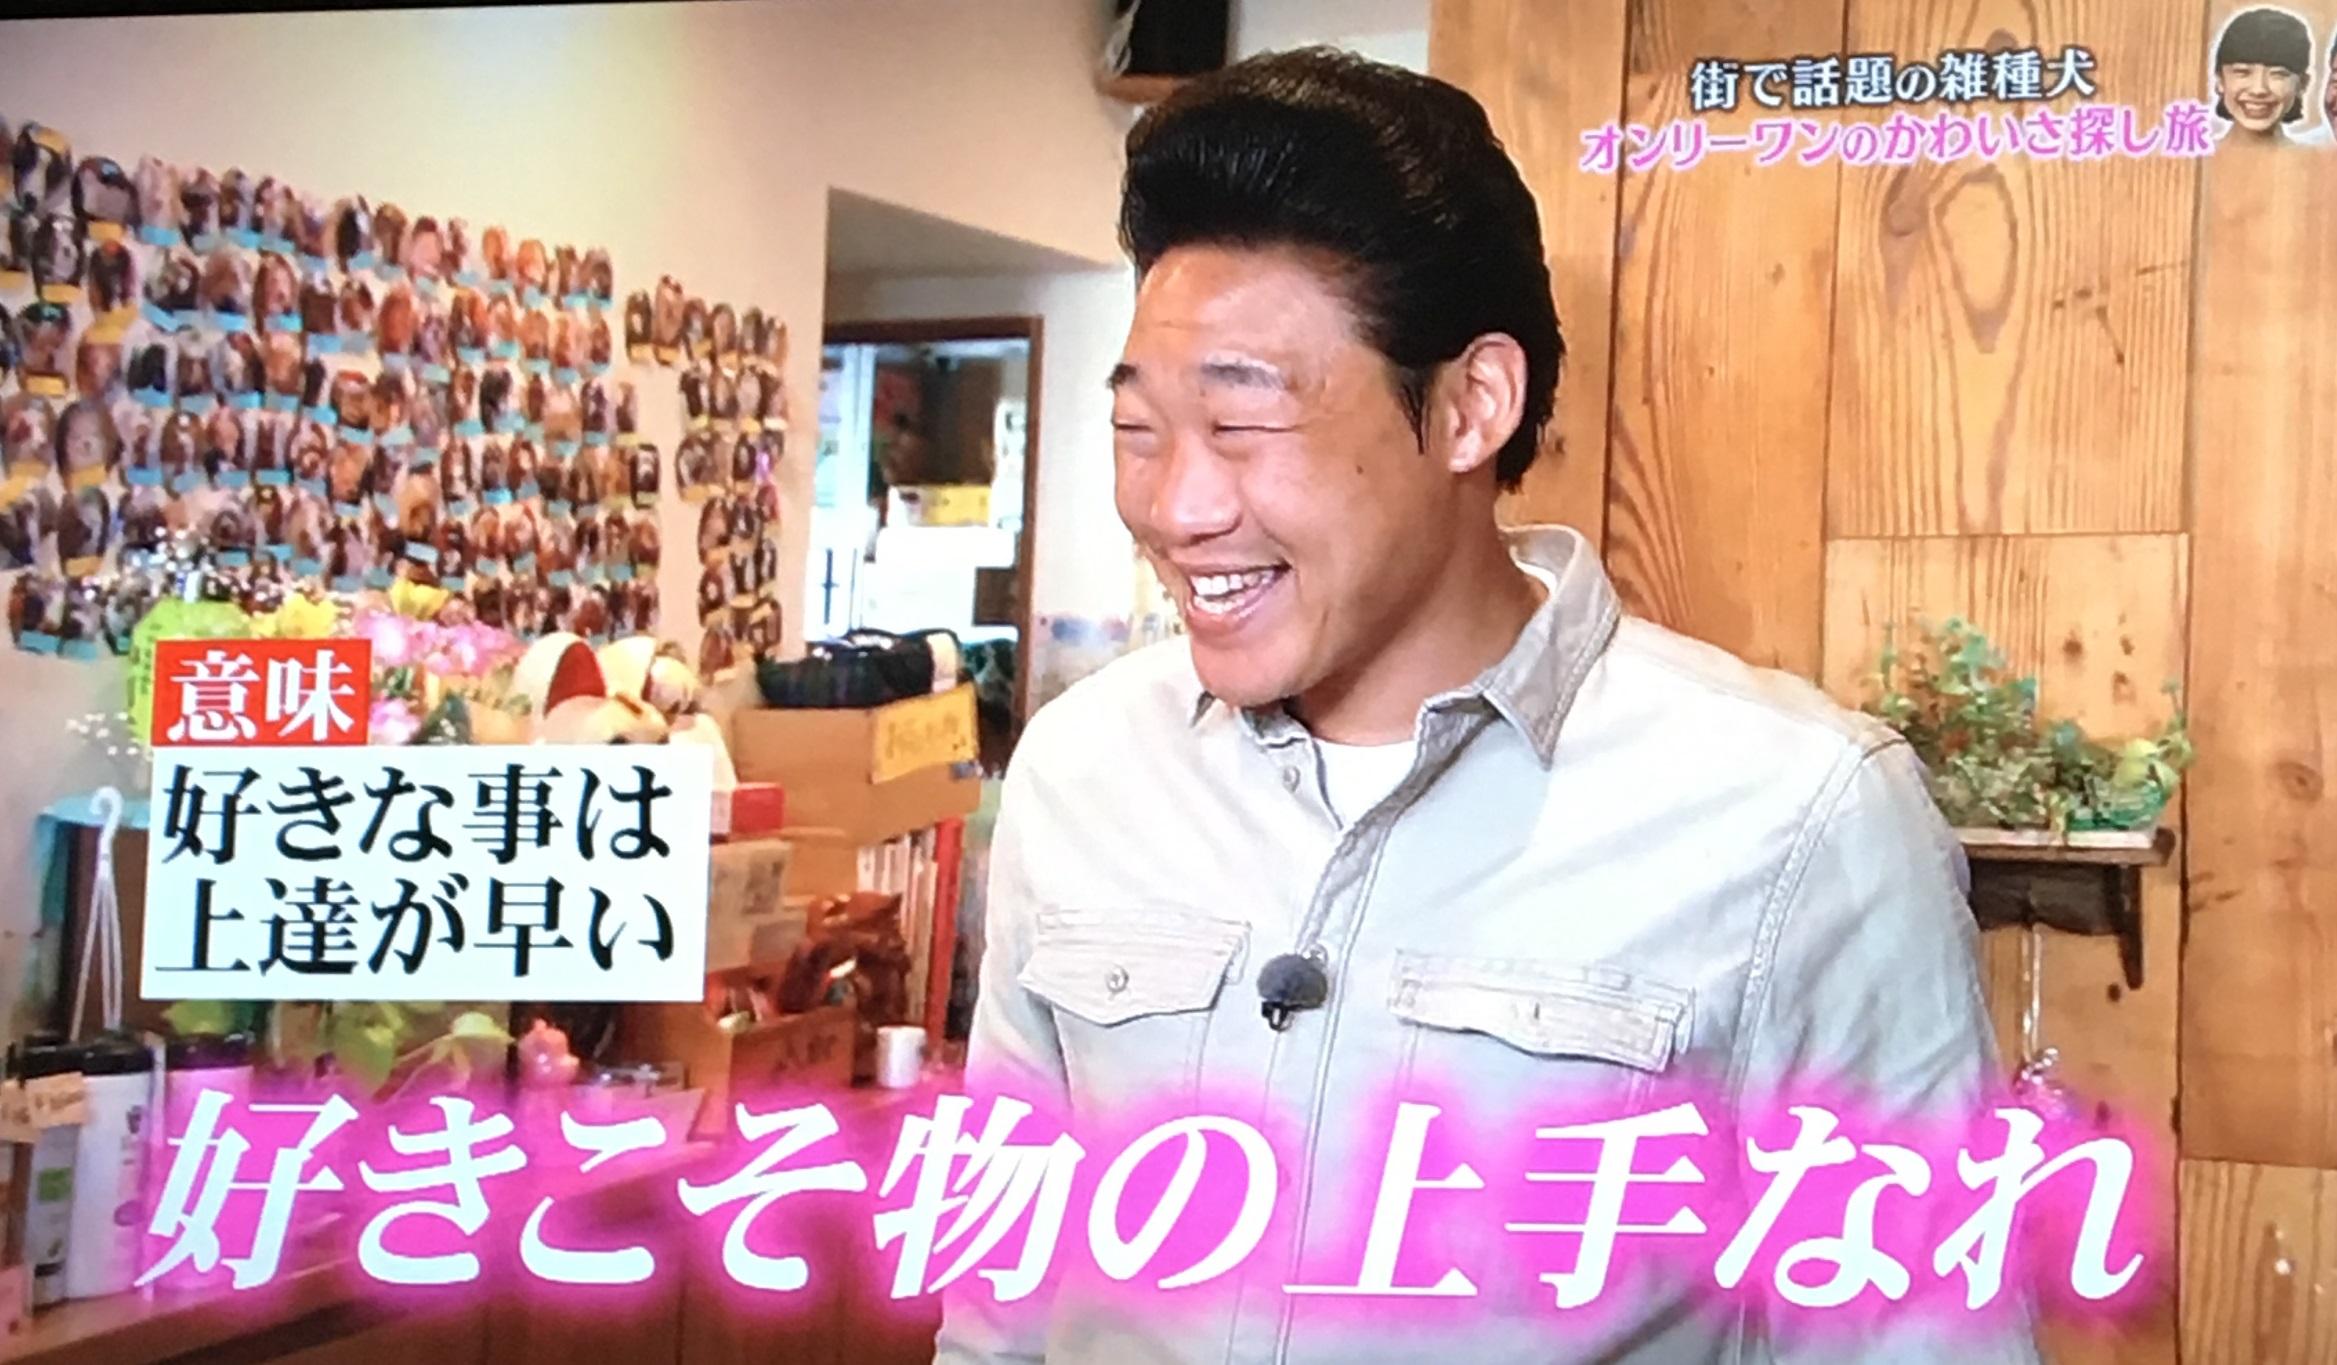 http://jonny.click/kyougaku/56749